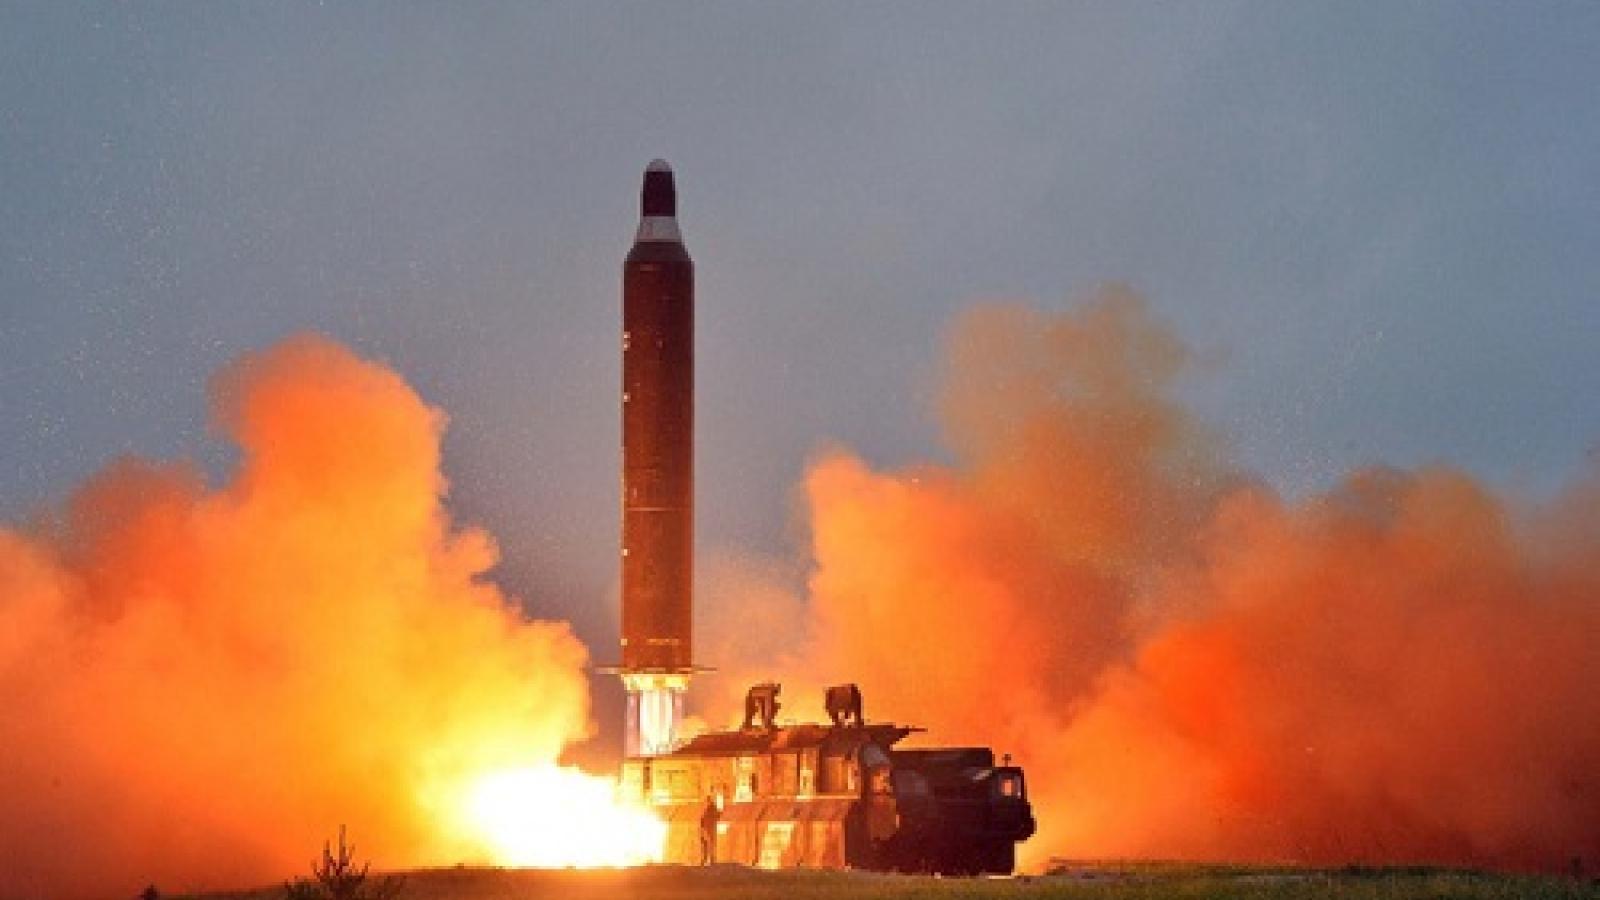 Liên Hợp Quốc thông qua dự thảo nghị quyết của Nhật Bản về xóa bỏ vũ khí hạt nhân